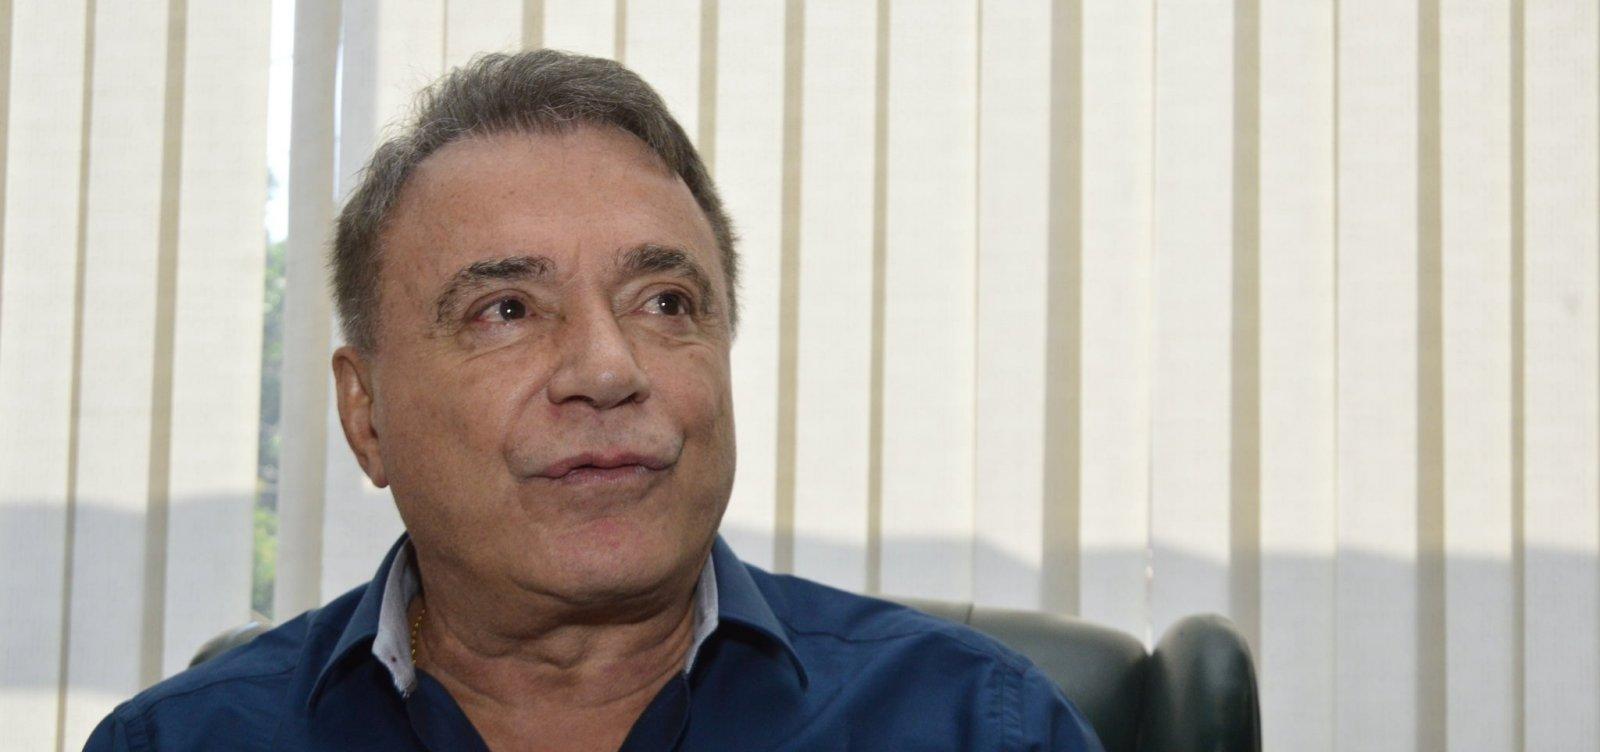 [Alvaro Dias diz que voto útil é 'atestado de burrice']